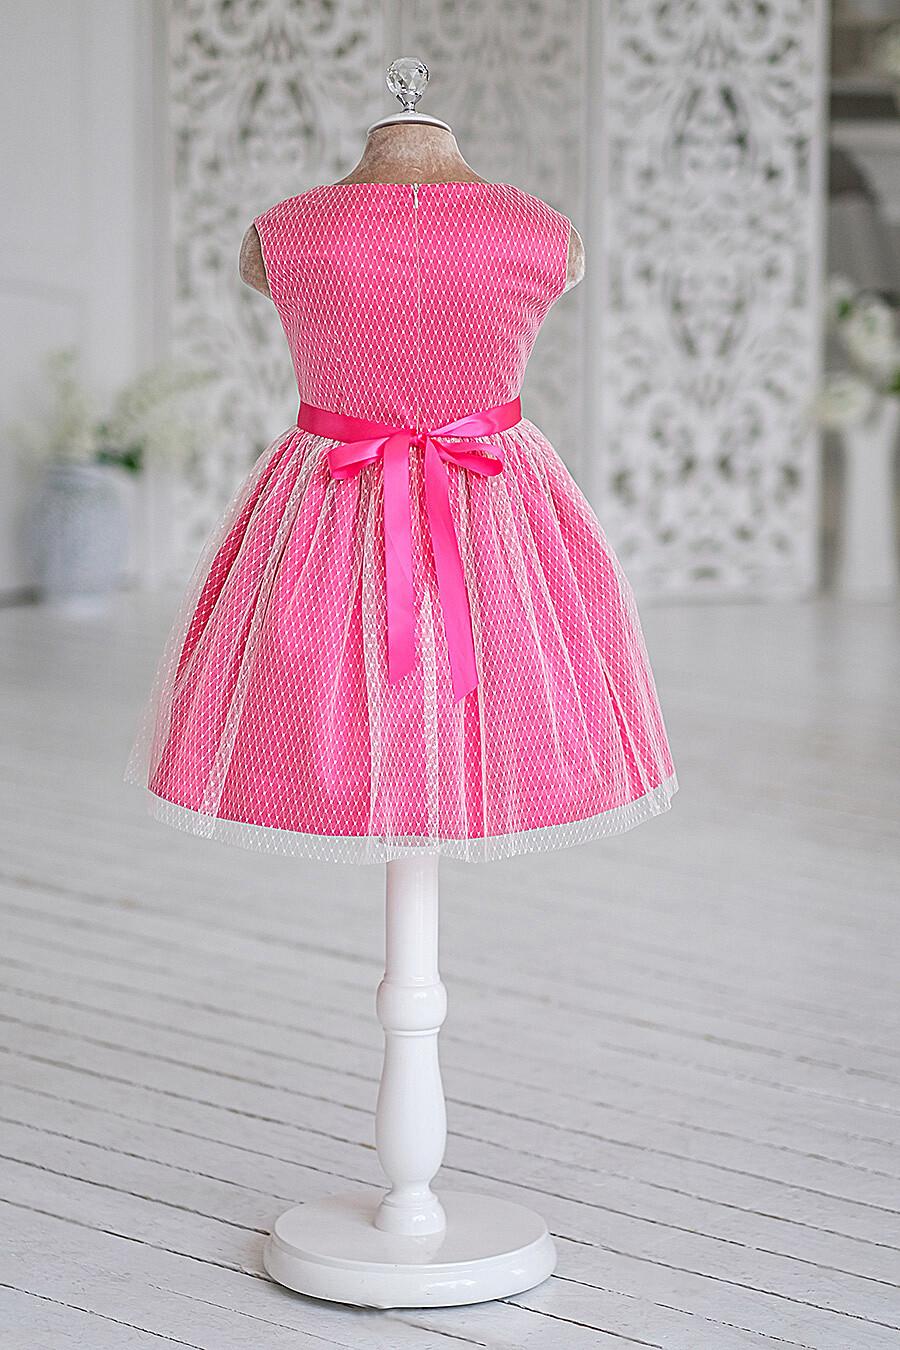 Платье ALOLIKA (288825), купить в Moyo.moda